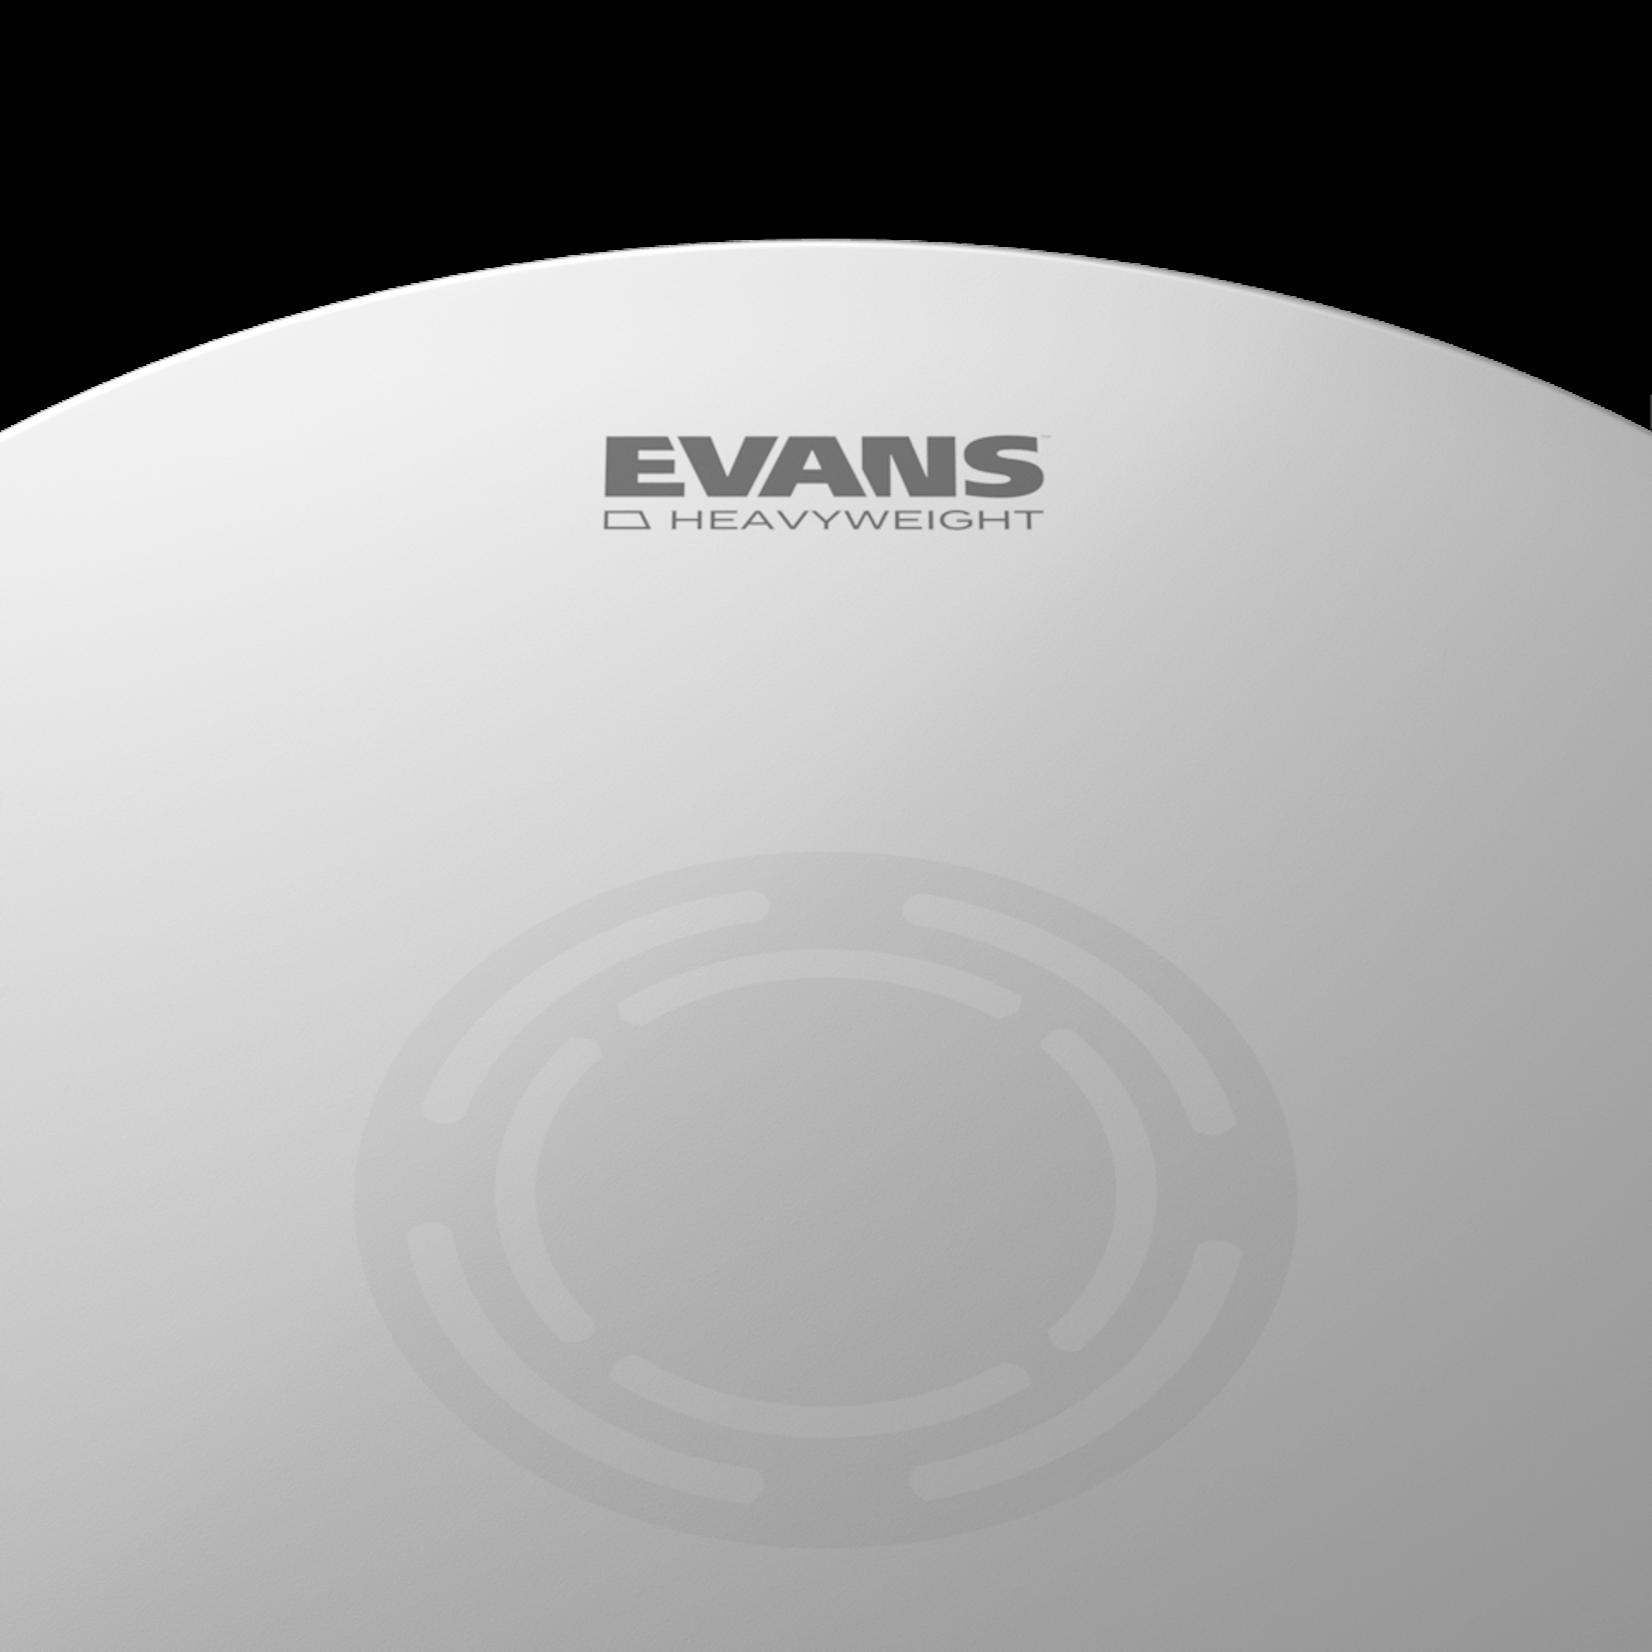 """Evans EVANS 14"""" HEAVYWEIGHT COATED B14HW"""